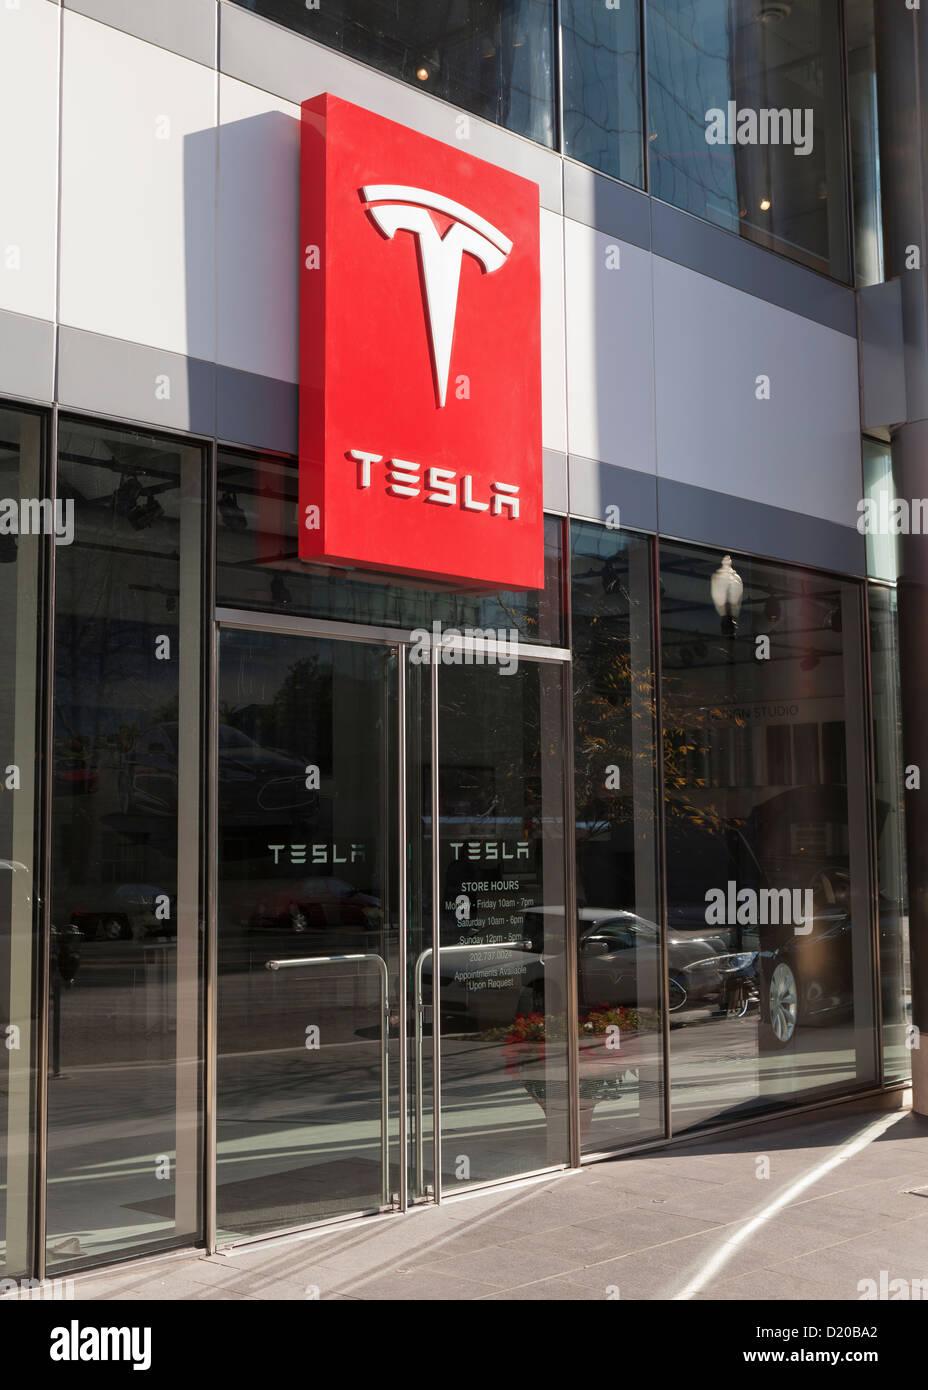 Tesla storefront - Washington, DC - Stock Image